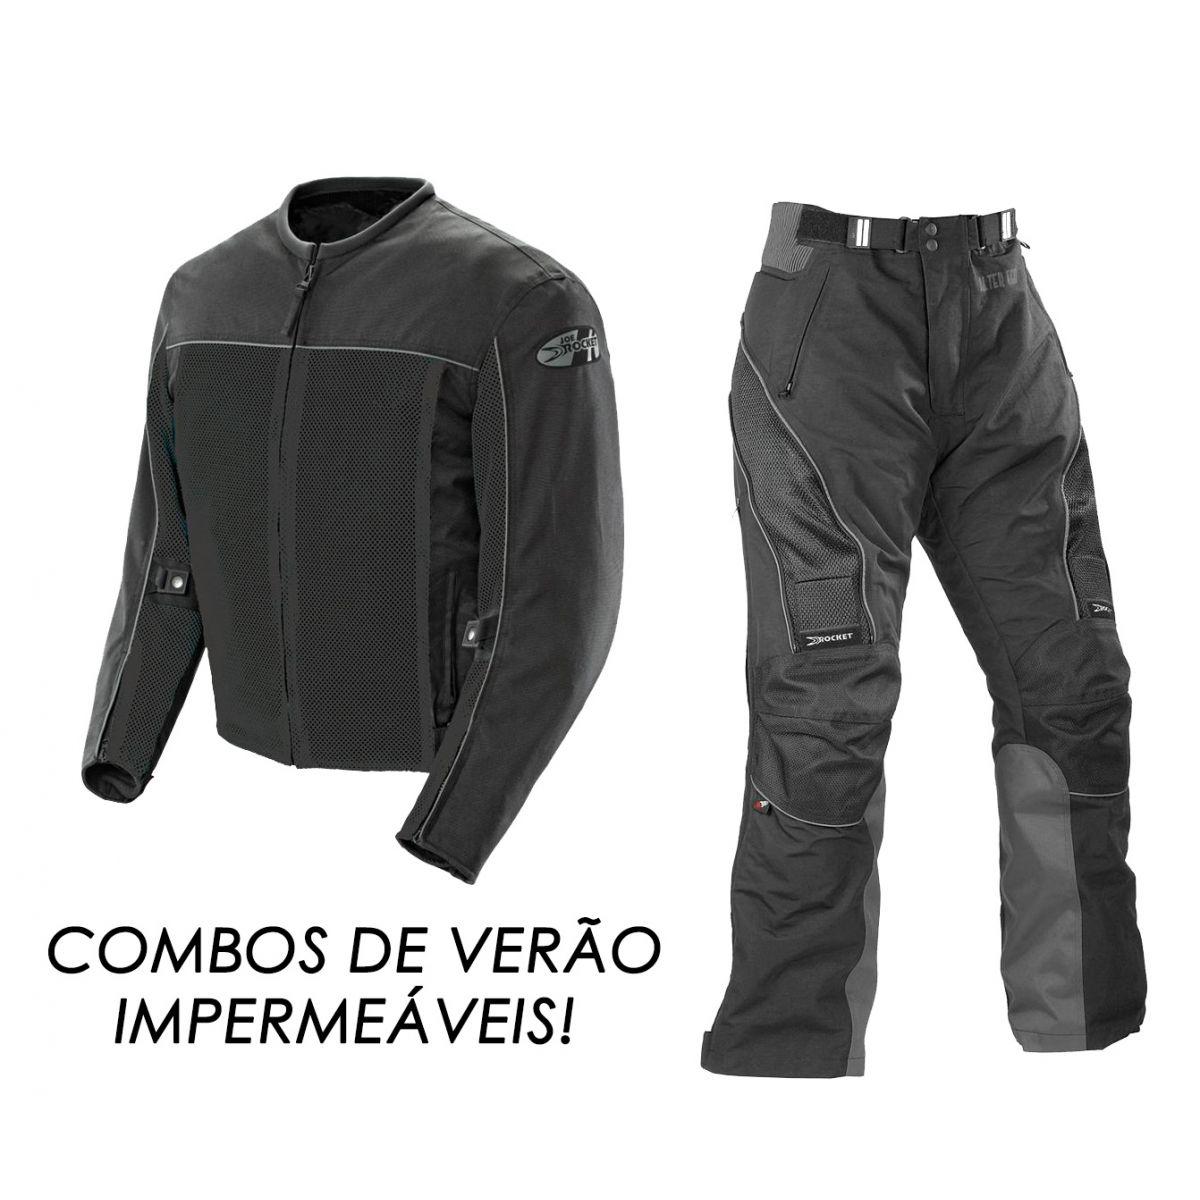 Promoção Combo Verão Jaqueta Joe Rocket Velocity + Calça Alter Ego 2.0  - Motosports